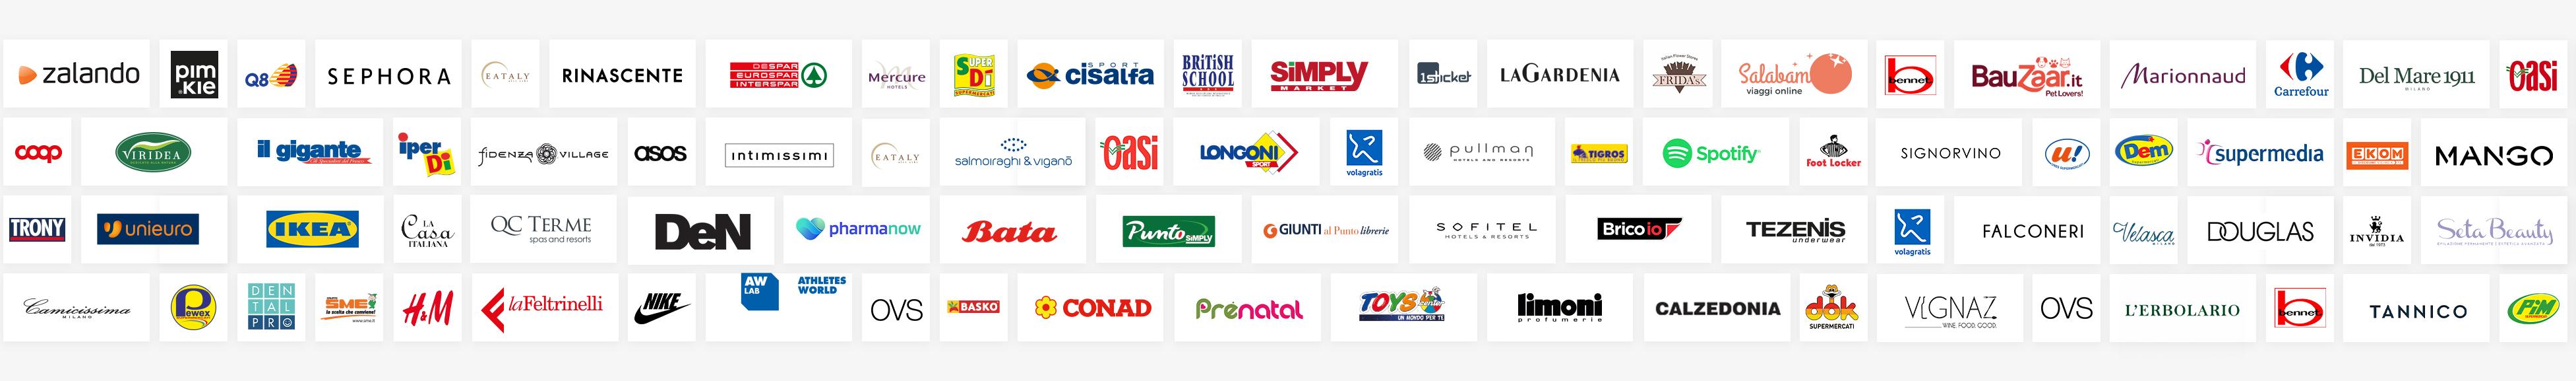 logo-wall-buono-acquisto-ticket-compliments-esteso-202110